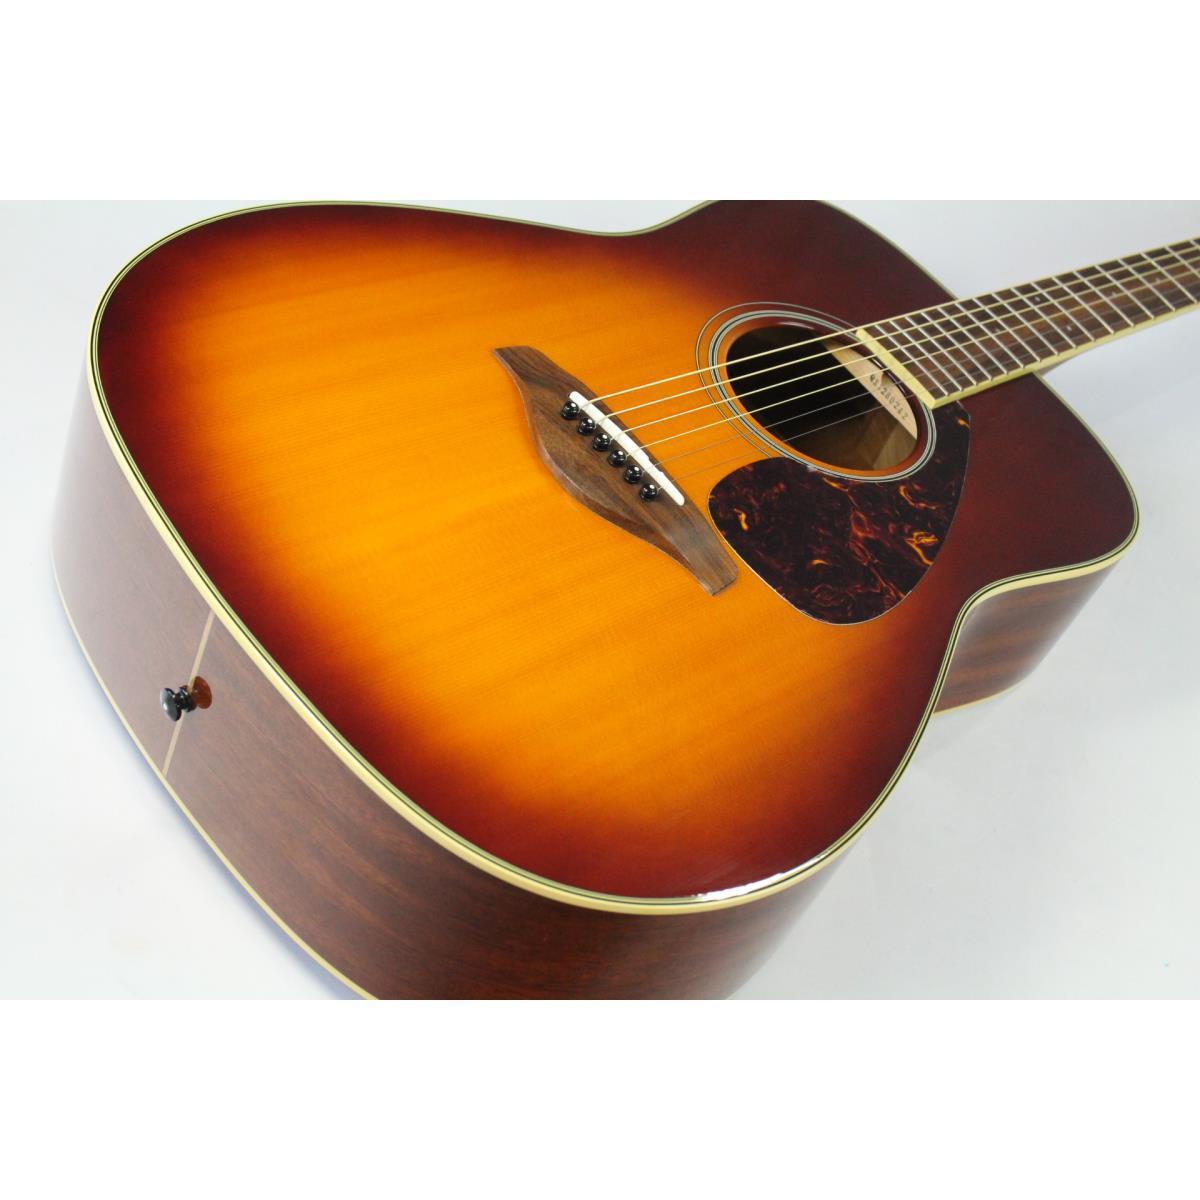 YAMAHA フォークギター FG720S【中古】